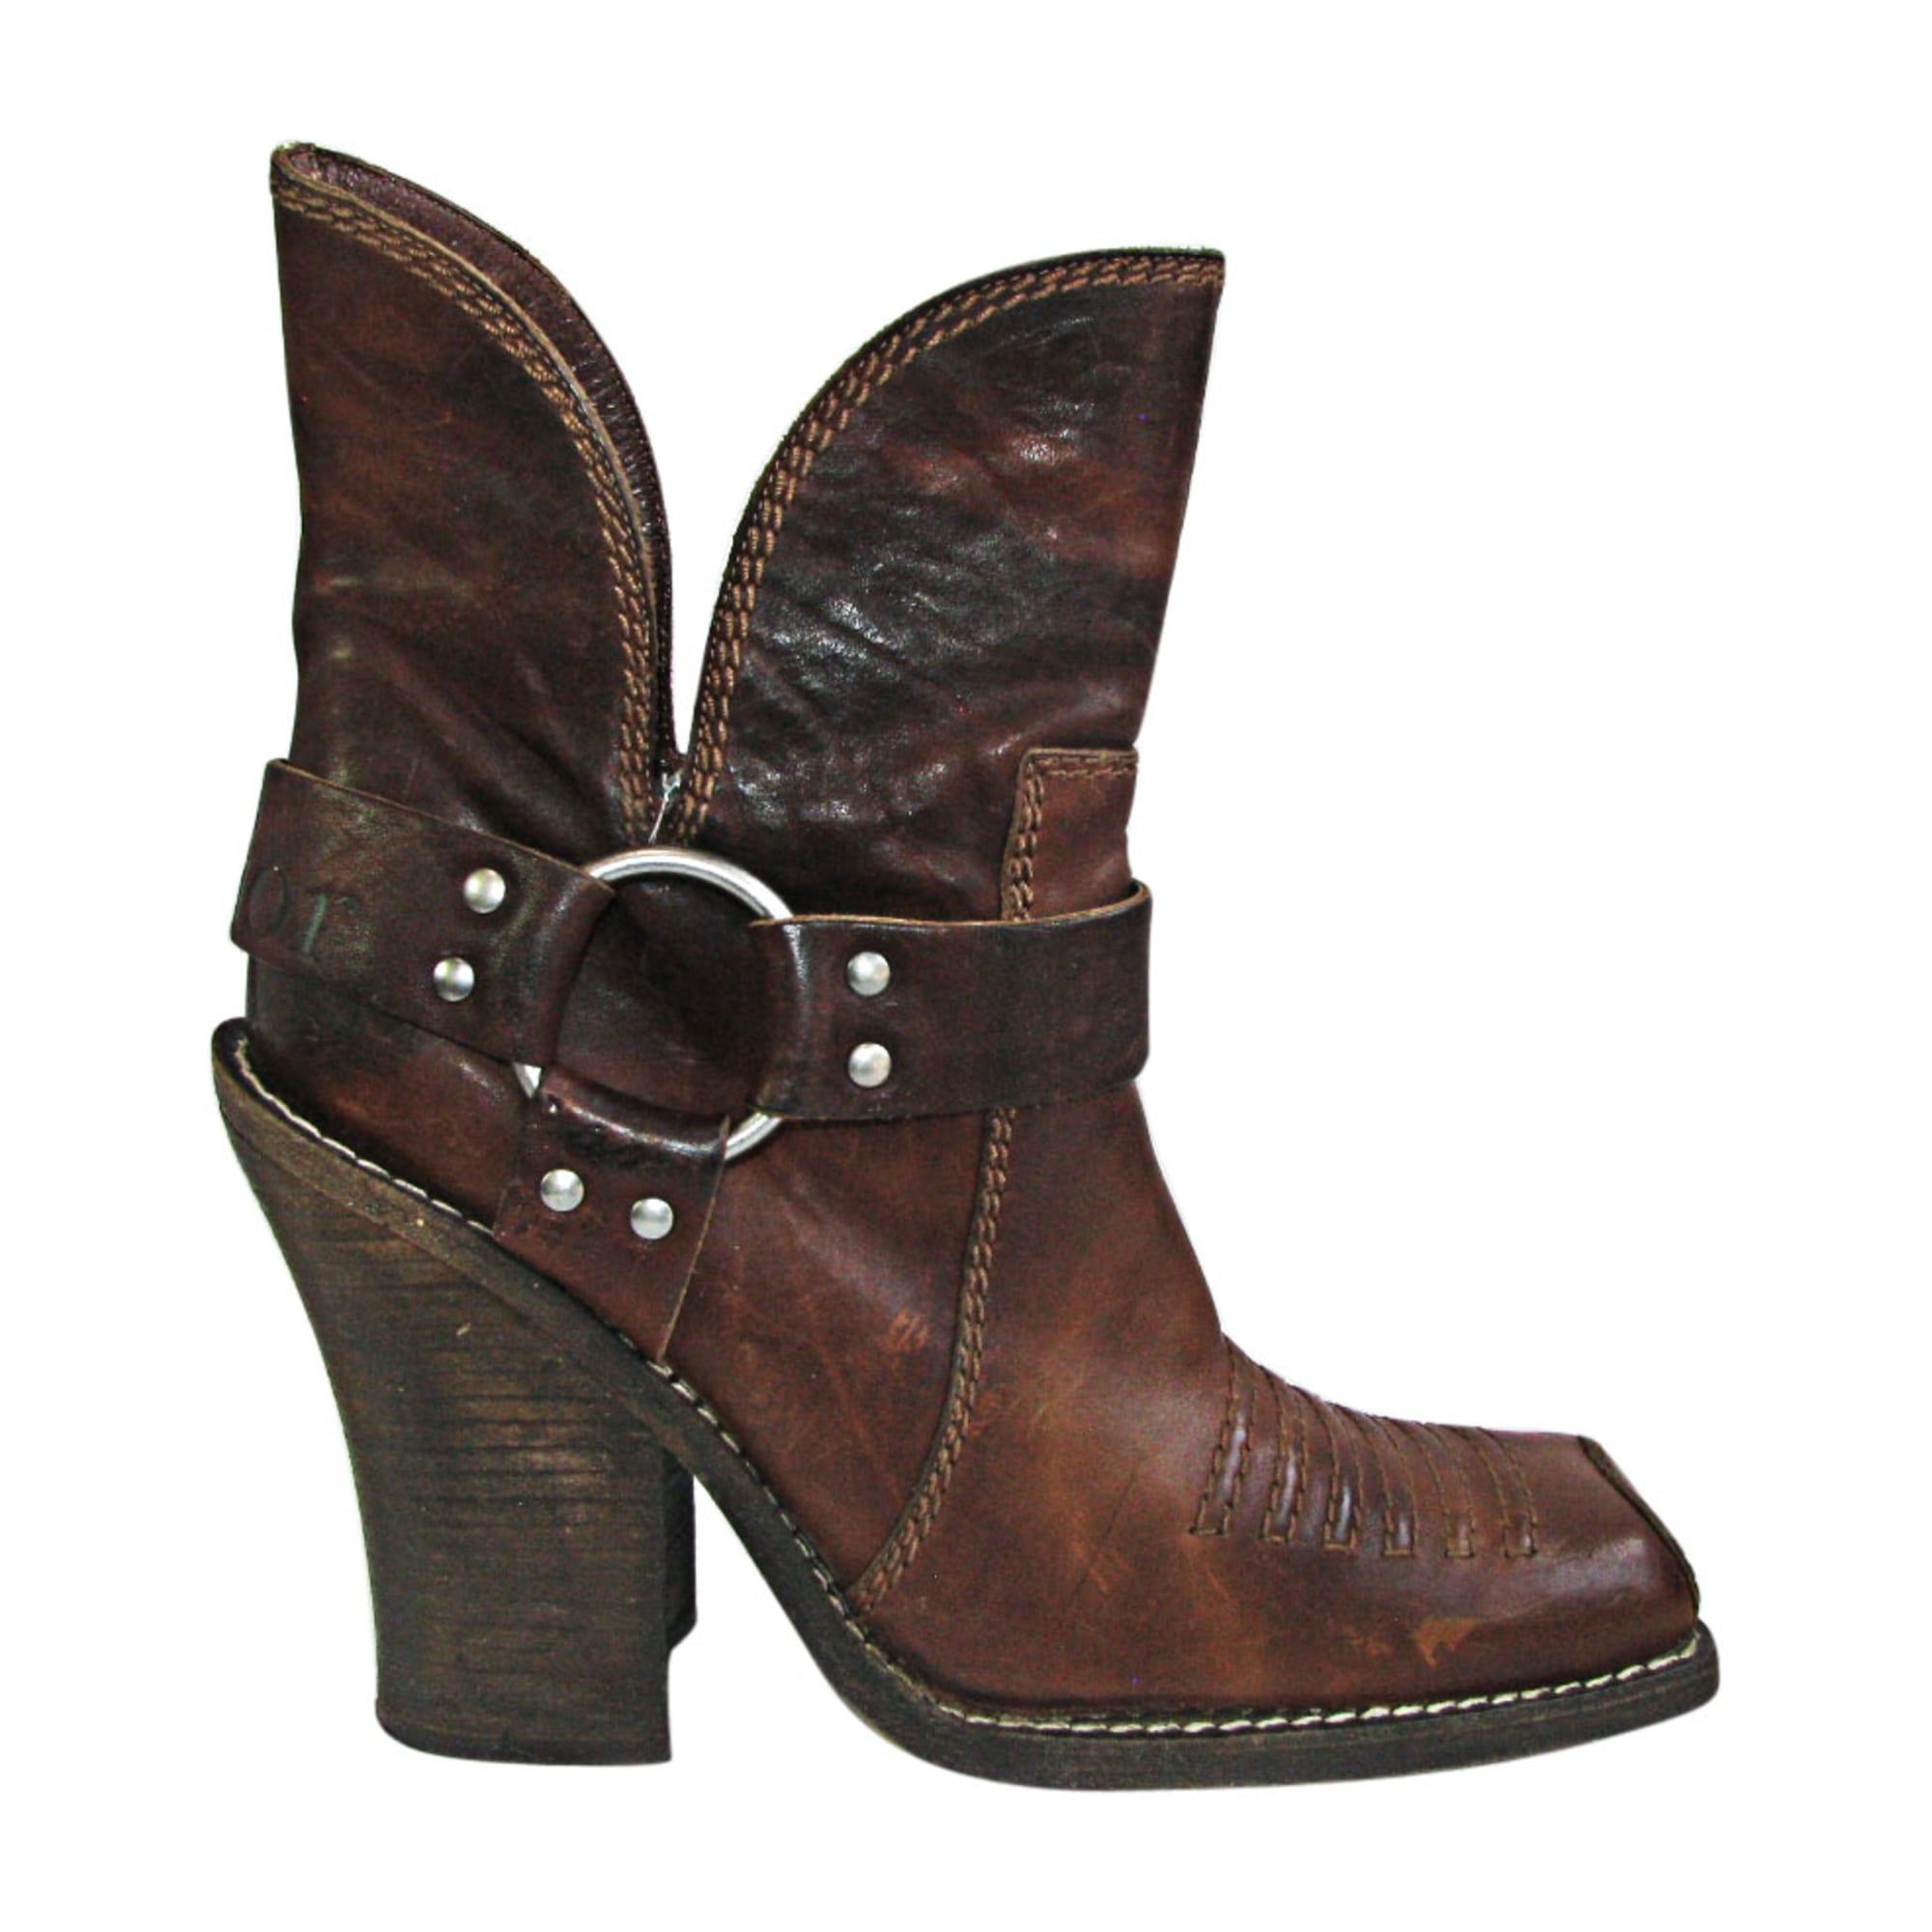 100% autentico 2aa9b 78476 Stivali a punta, stivaletti, stivali bassi cowboy DIOR